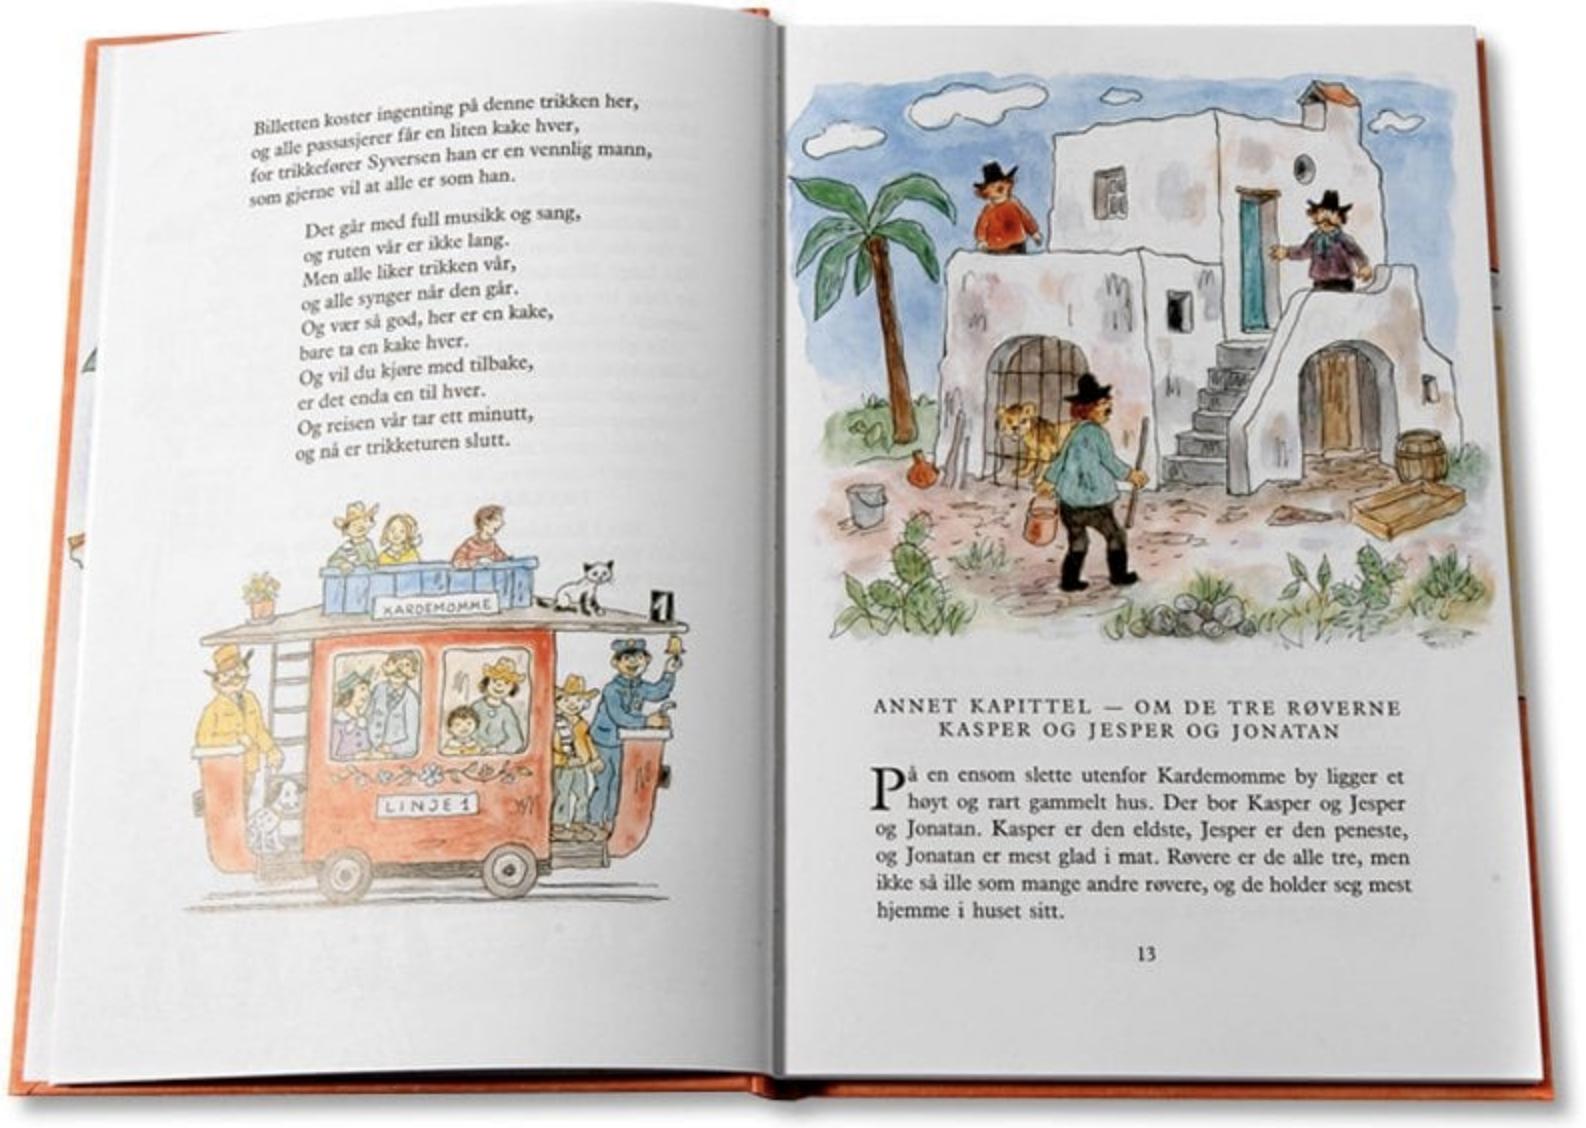 Kardemommeby innsiden av boken